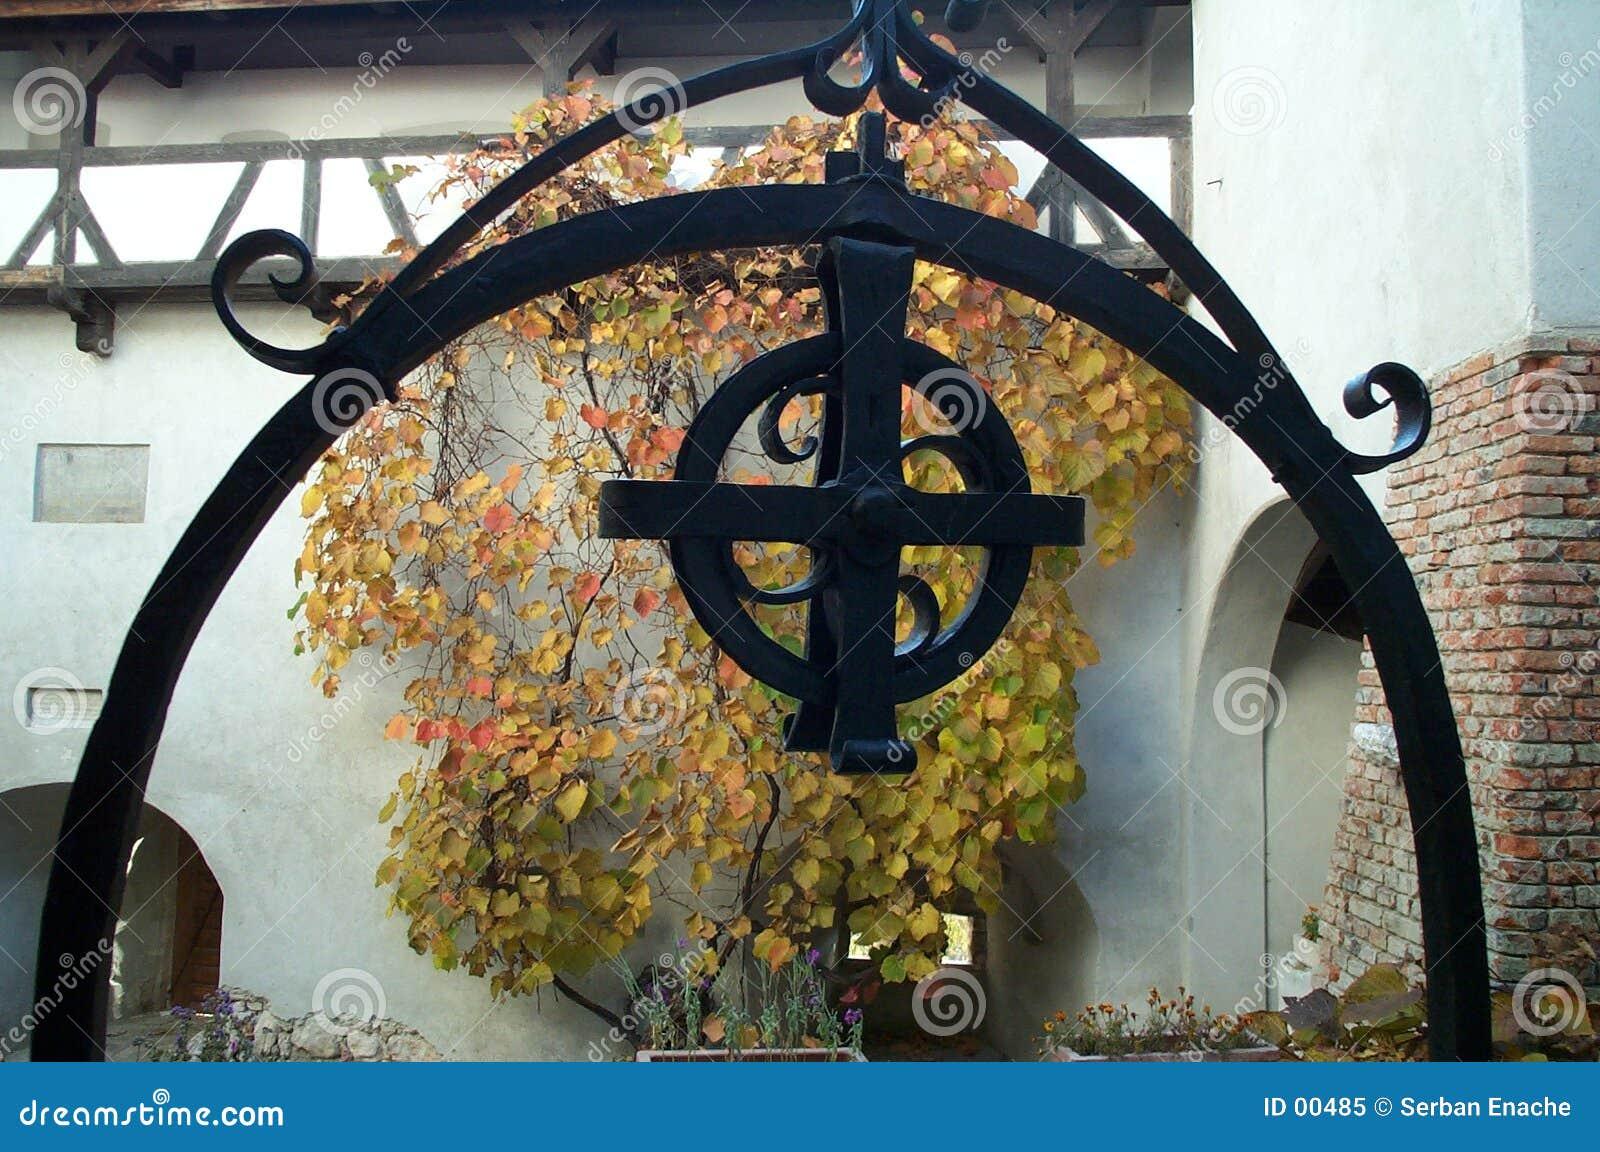 Gothic symbol